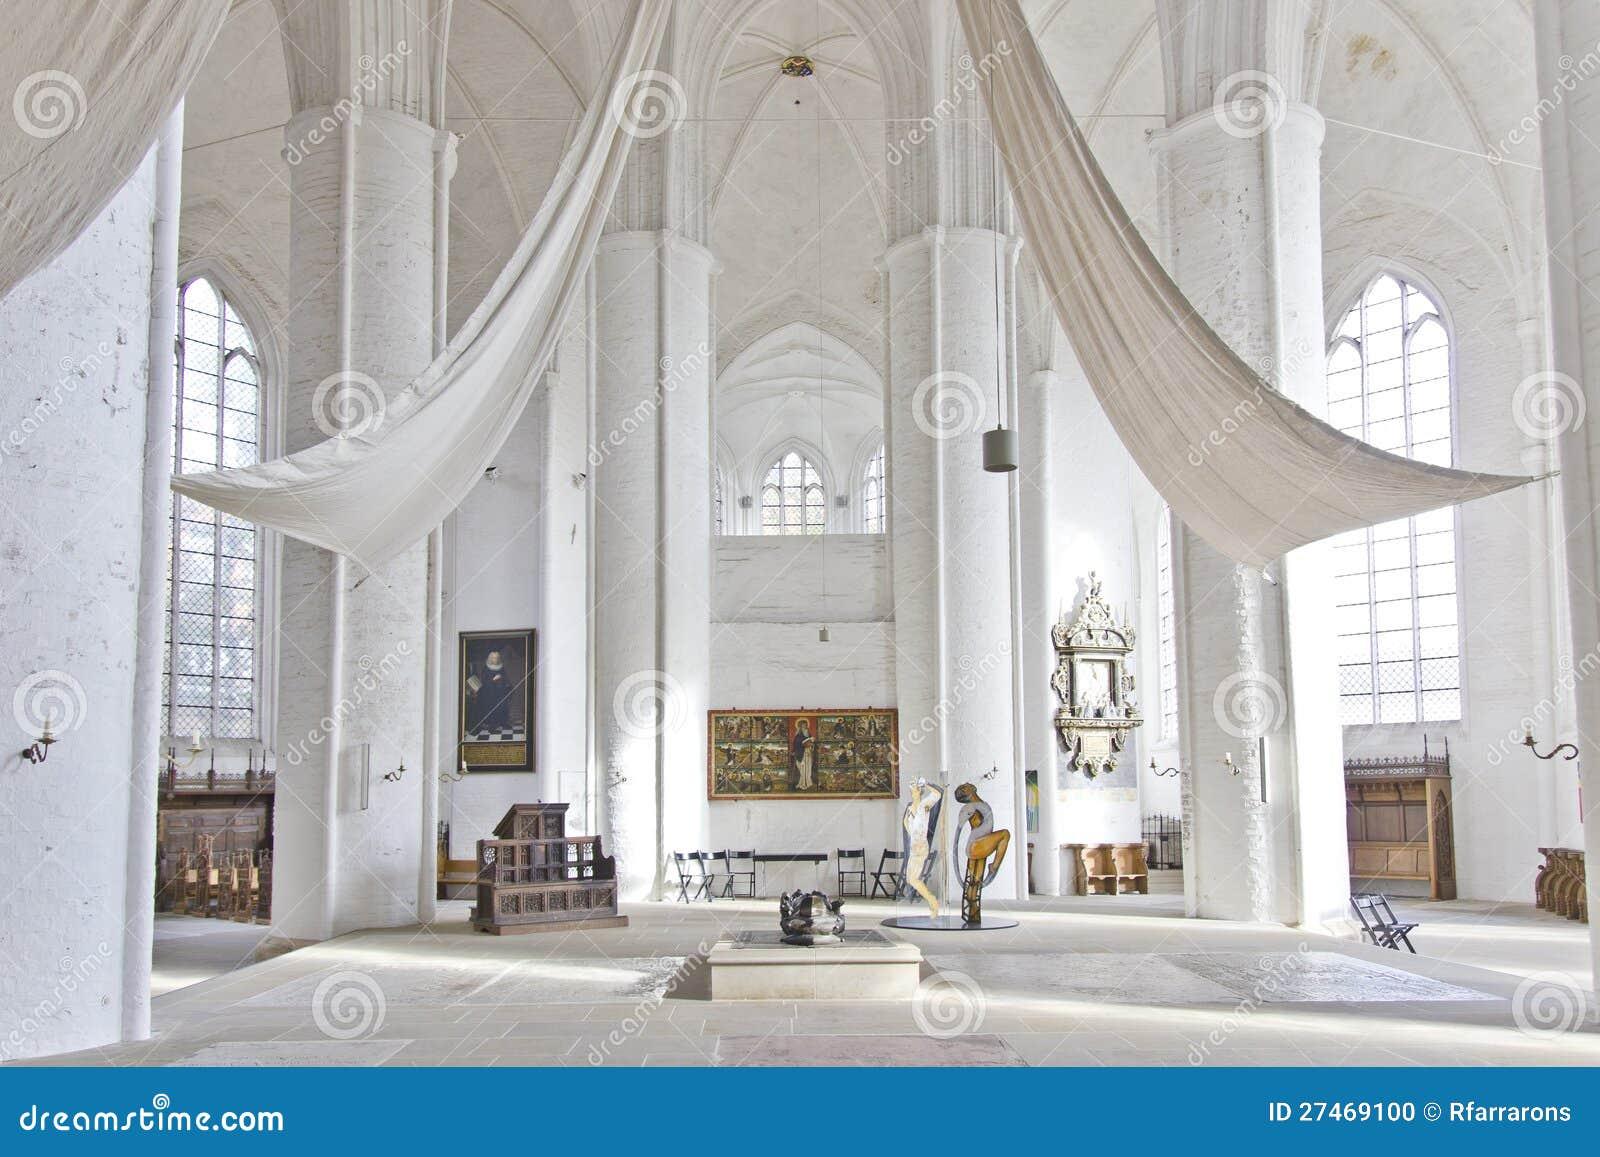 wei e kirche stockfoto bild von deutschland aufsatz 27469100. Black Bedroom Furniture Sets. Home Design Ideas